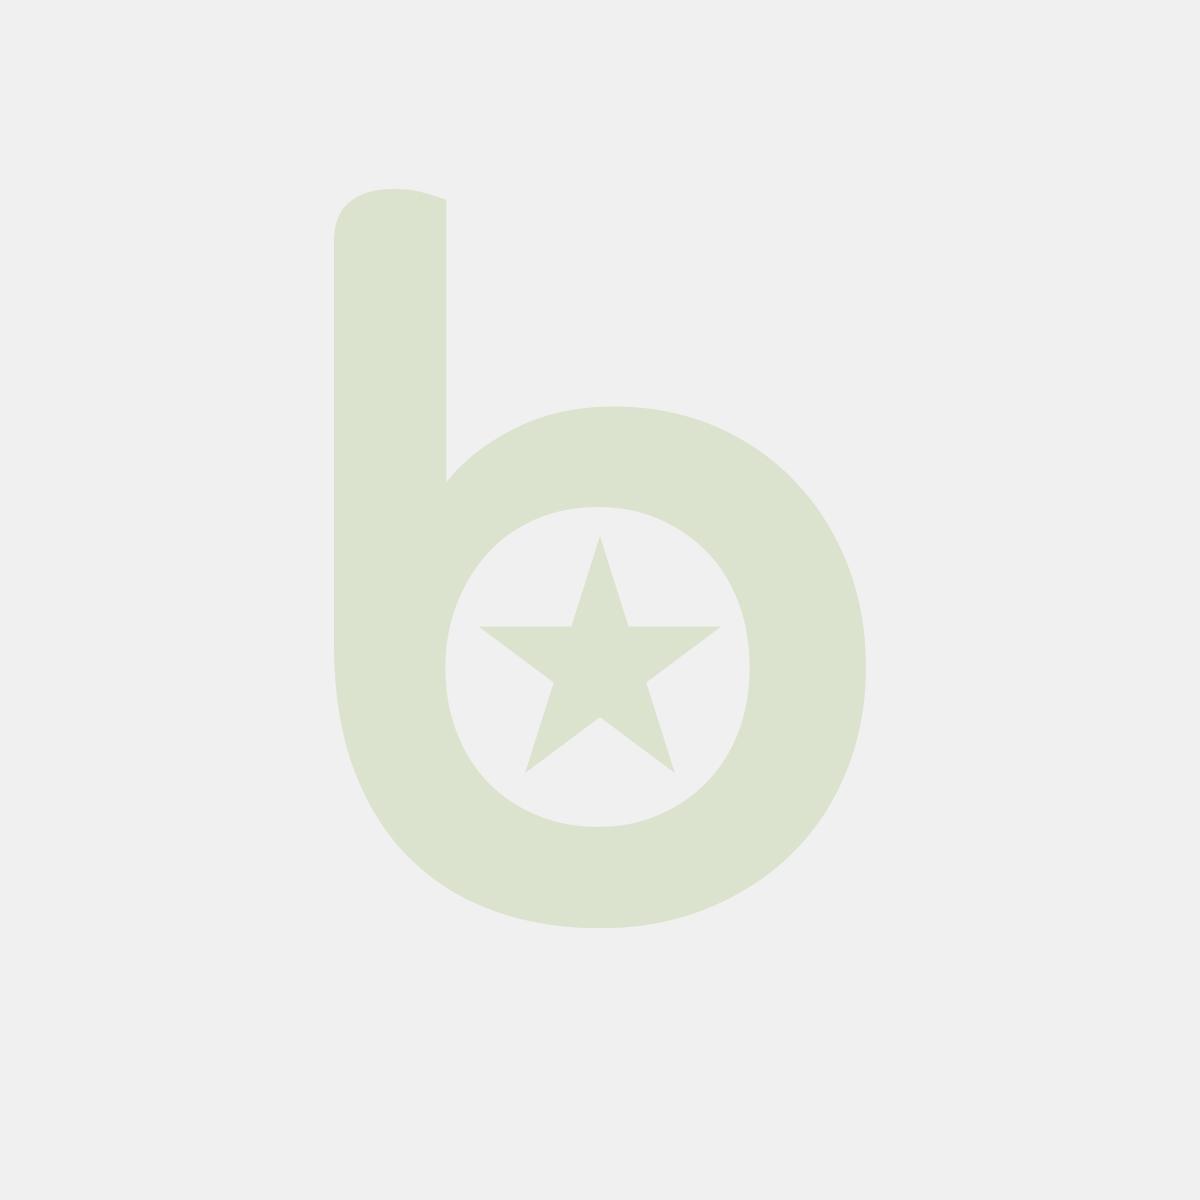 Miseczka FINGERFOOD transparentna, 7,2/7,2 cm, PS, 25 szt. w opakowaniu